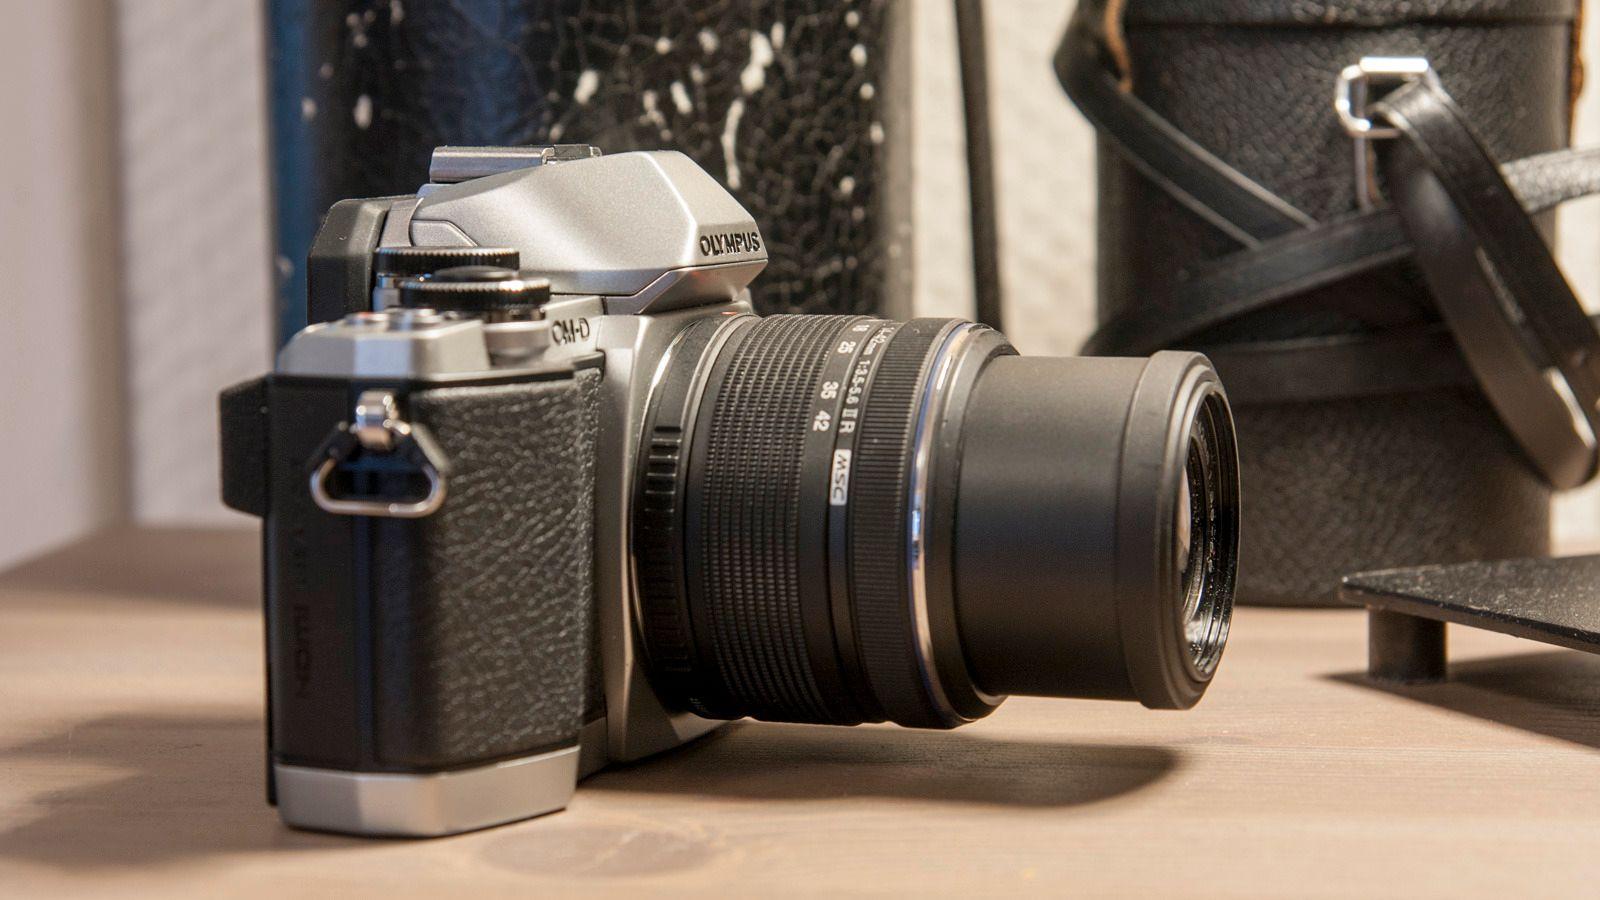 Også Olympus' kit-objektiv kan felles inn slik at det blir noe mer kompakt når det ikke er i bruk. Foto: Kristoffer Møllevik